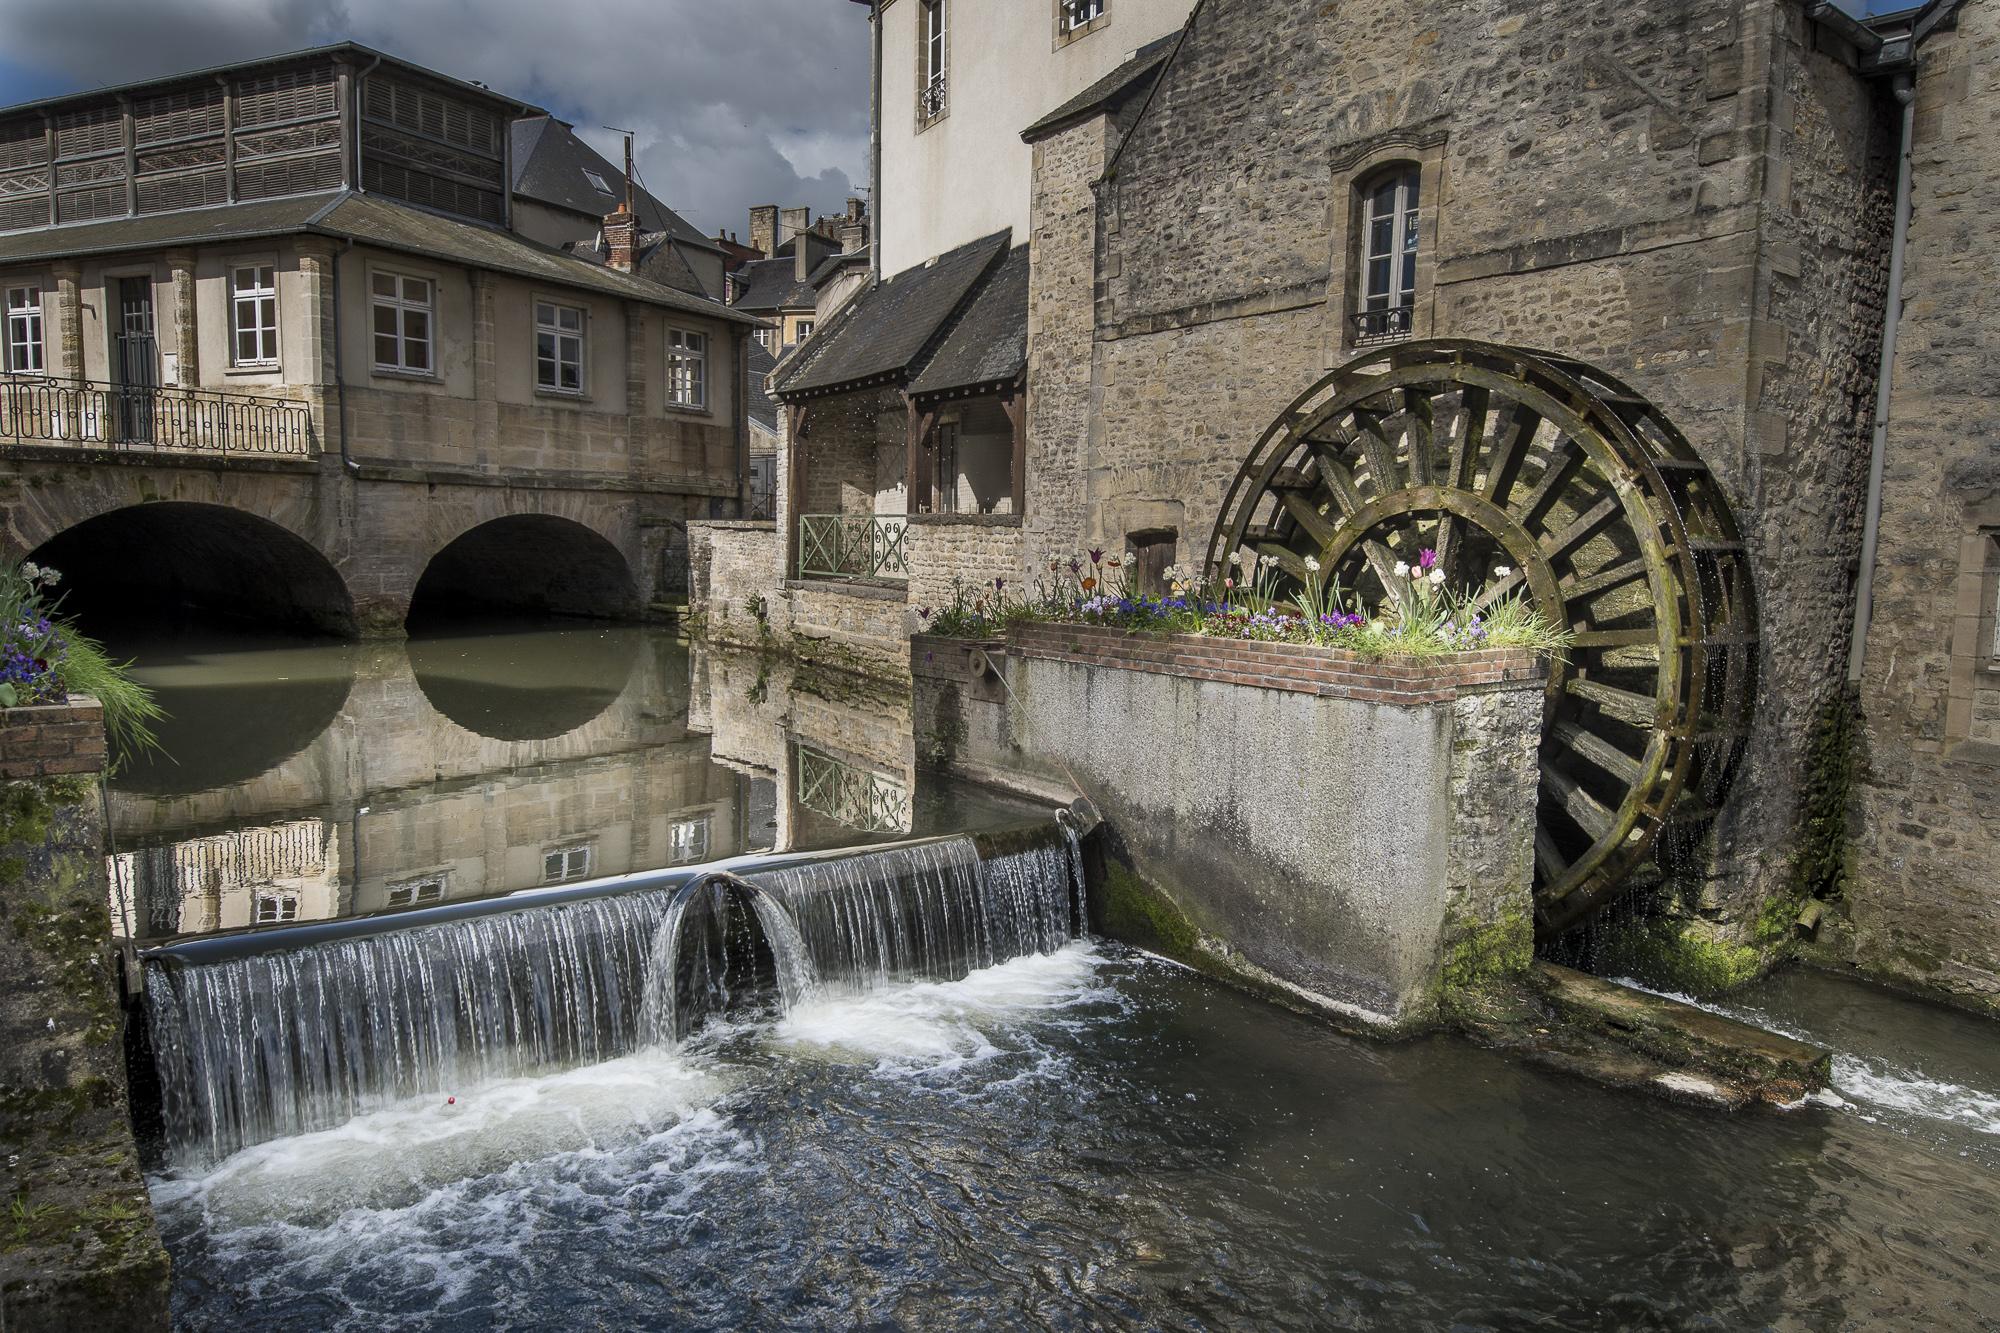 normandy-mont-saint-michel-photo-tour-09.jpg